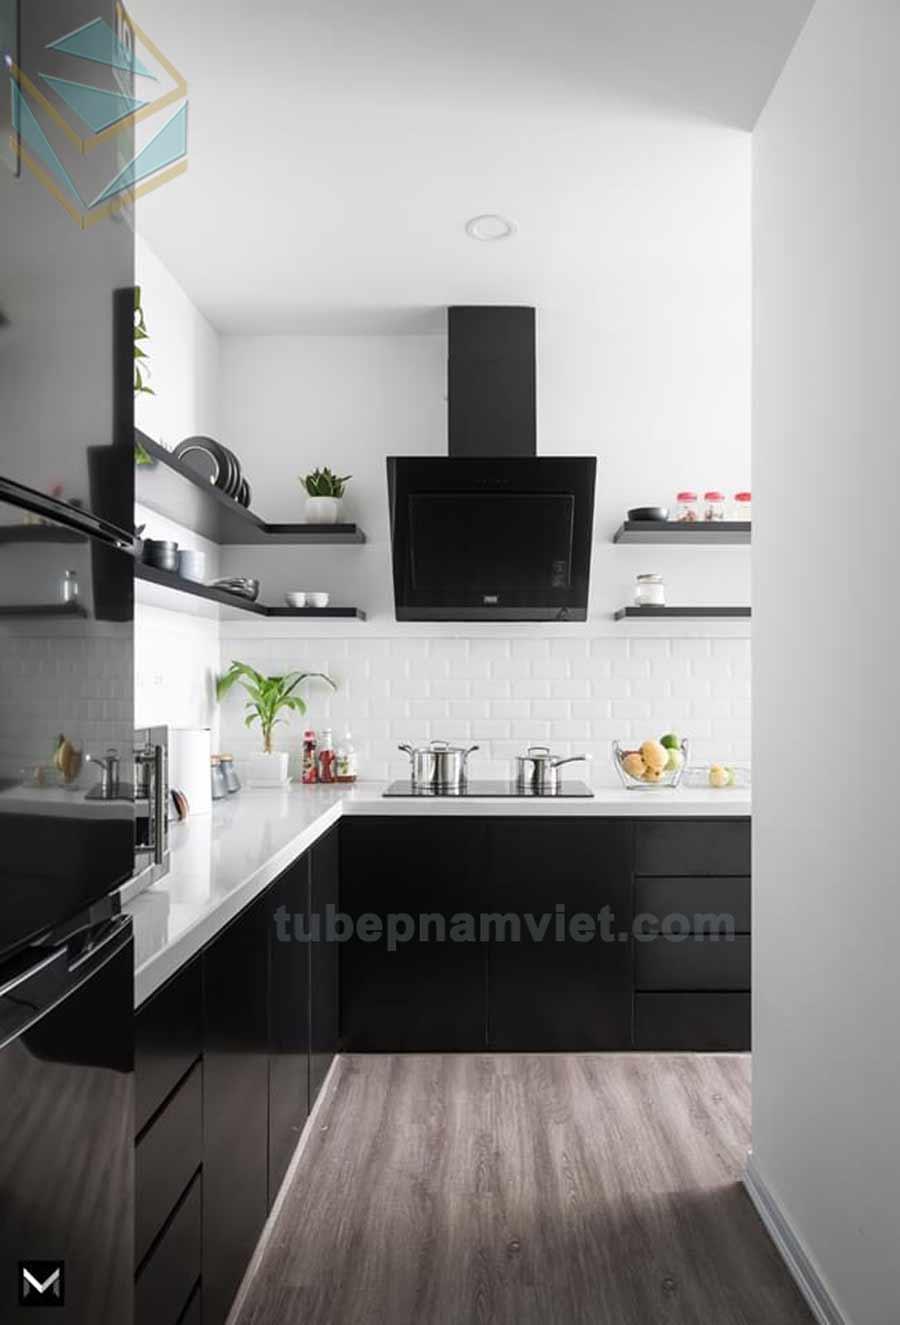 Thiết kế tủ bếp góc đẹp màu đen gỗ Melamine An Cường